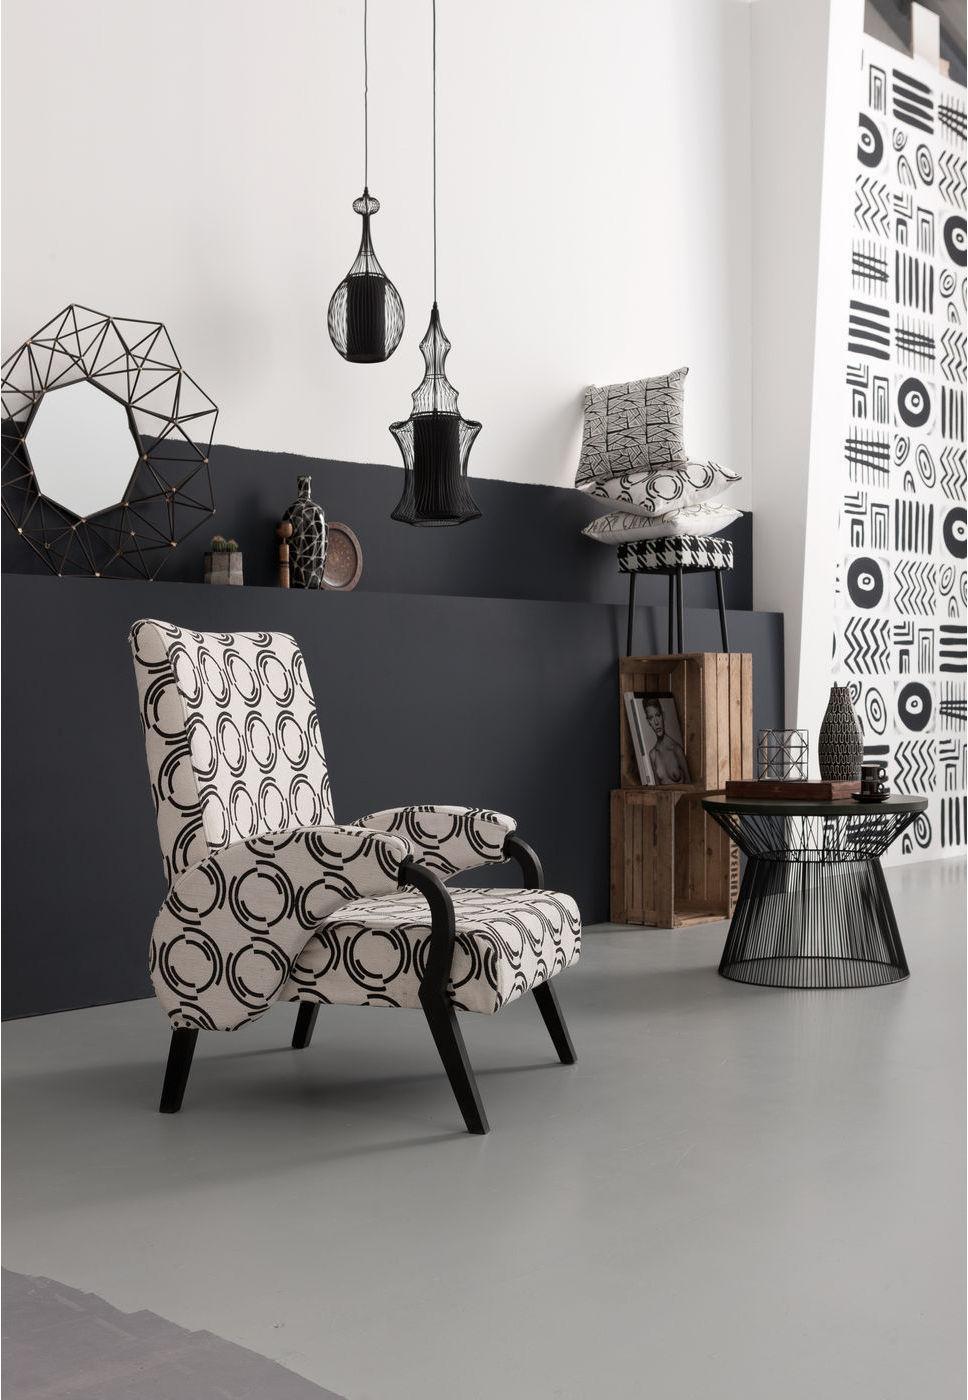 kare design h ngeleuchte swing iron round. Black Bedroom Furniture Sets. Home Design Ideas